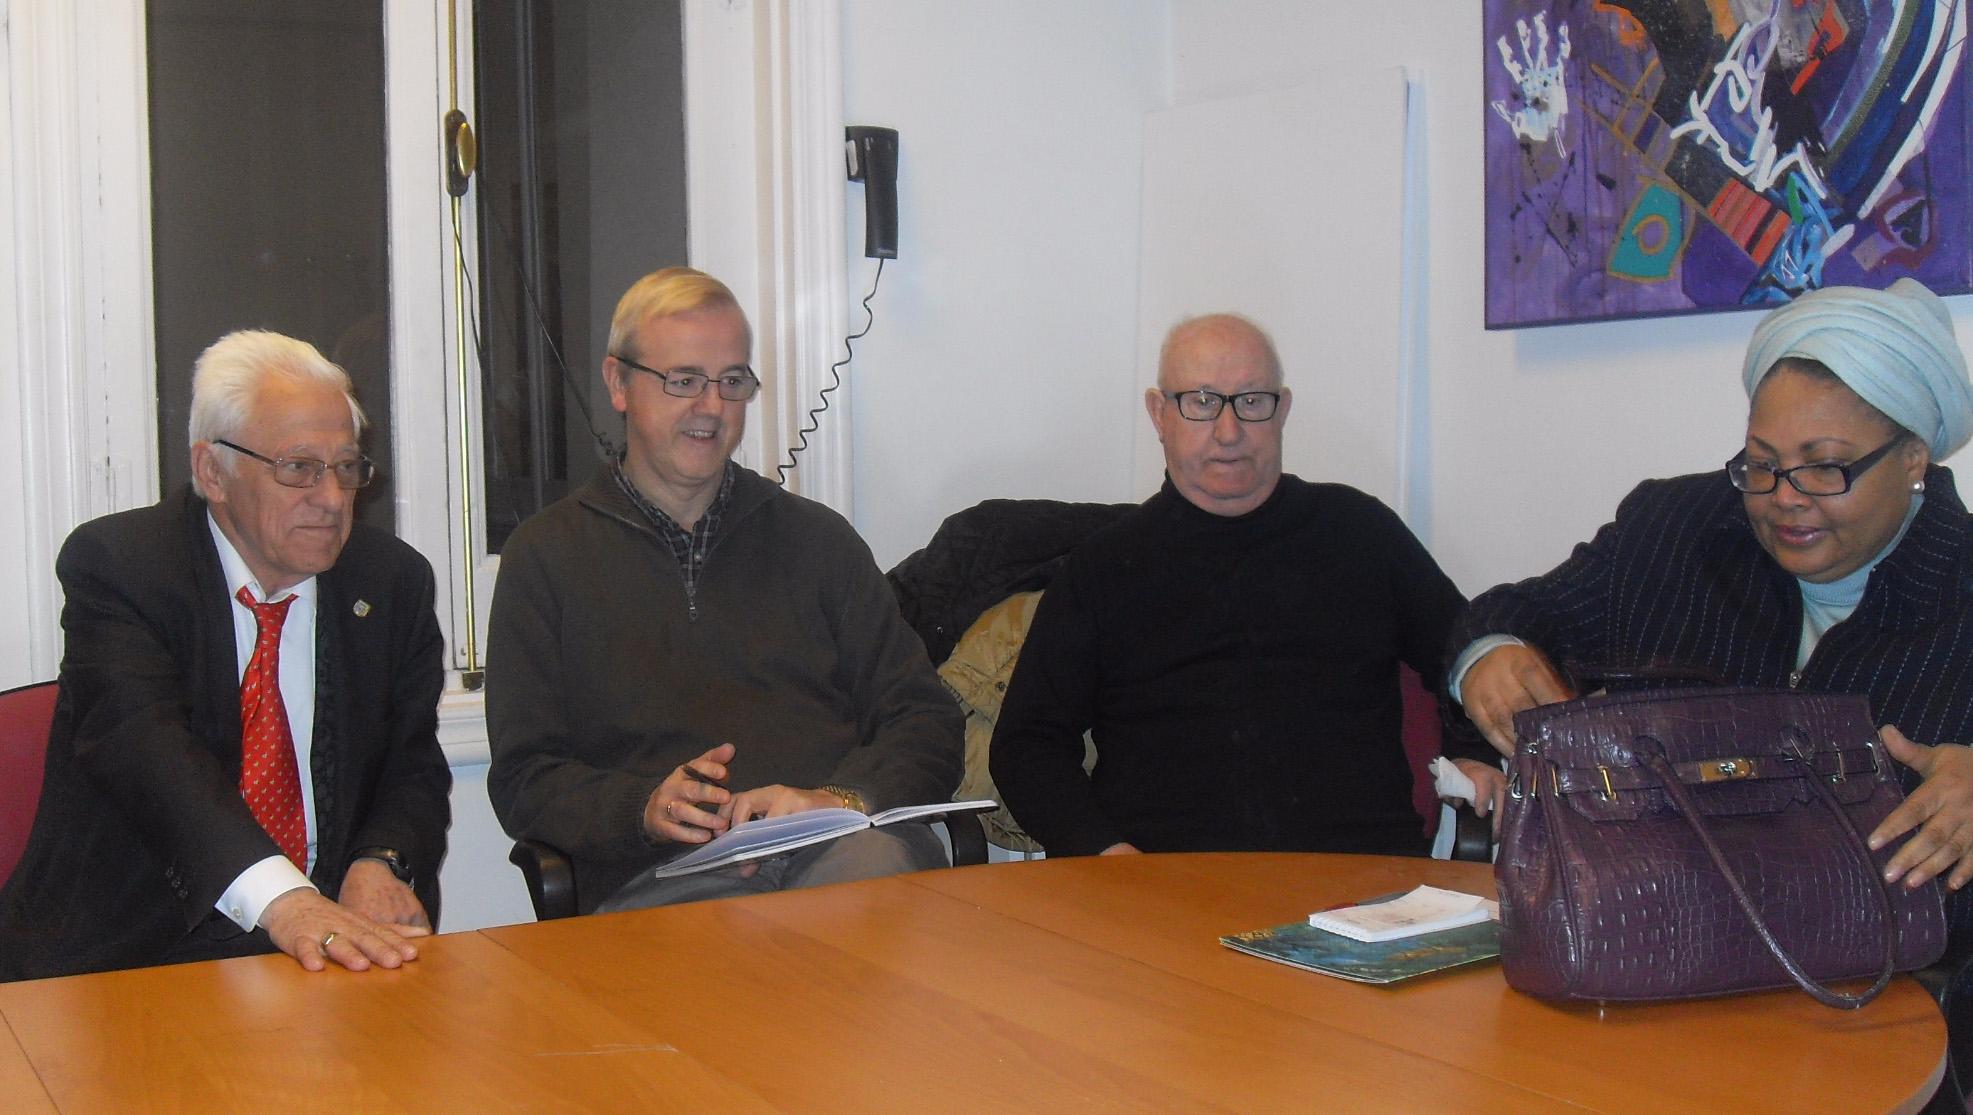 OMDIMAR se reúne con la embajadora de Haití en Madrid y el padre Ángel de MensajeroS de la Paz, para presentar y trasladar el proyecto de Oasis